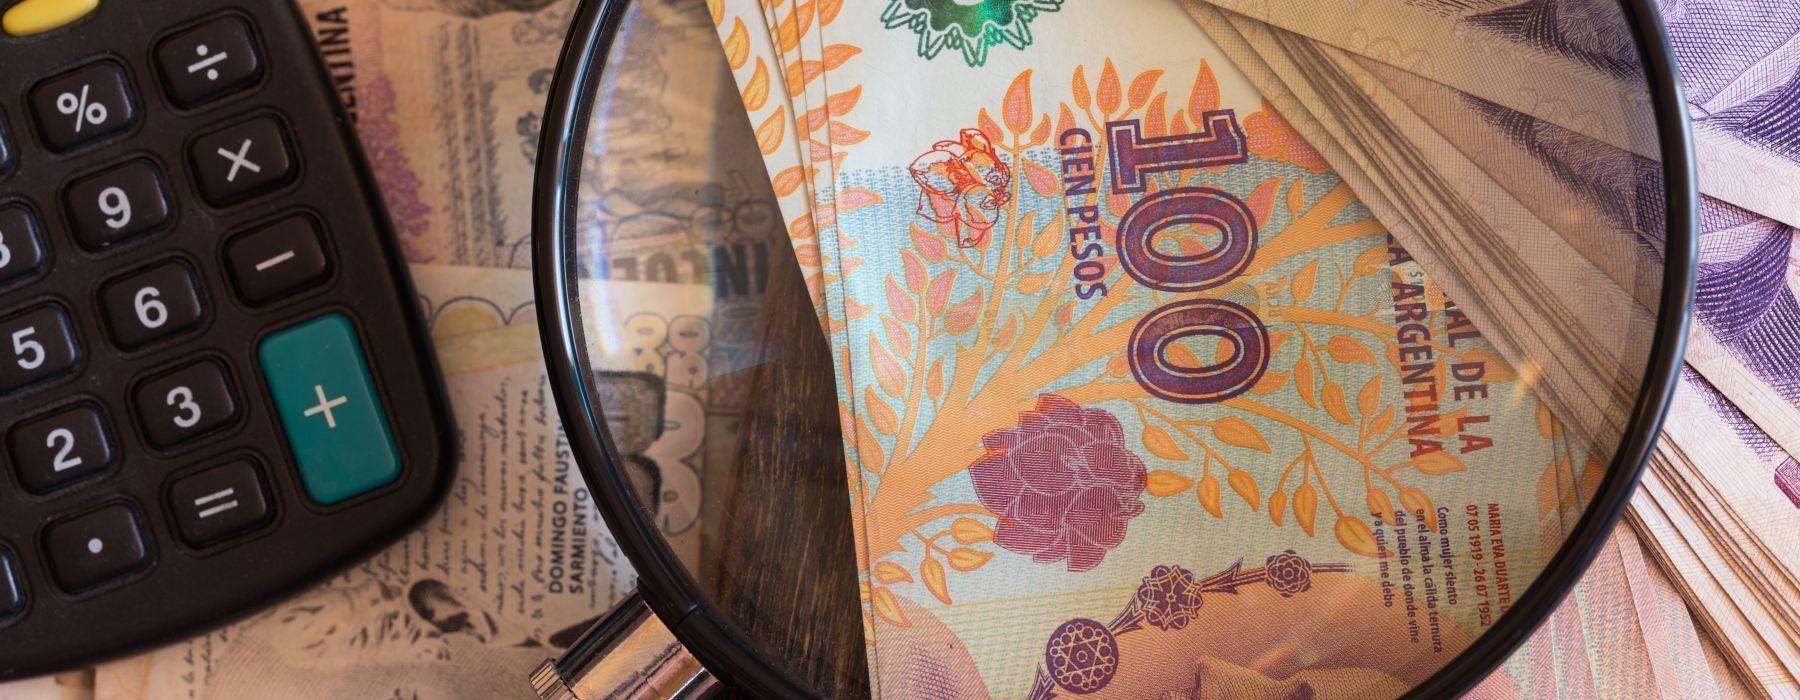 利率衝60%還未止血  阿根廷陷風暴哪些基金遭殃?